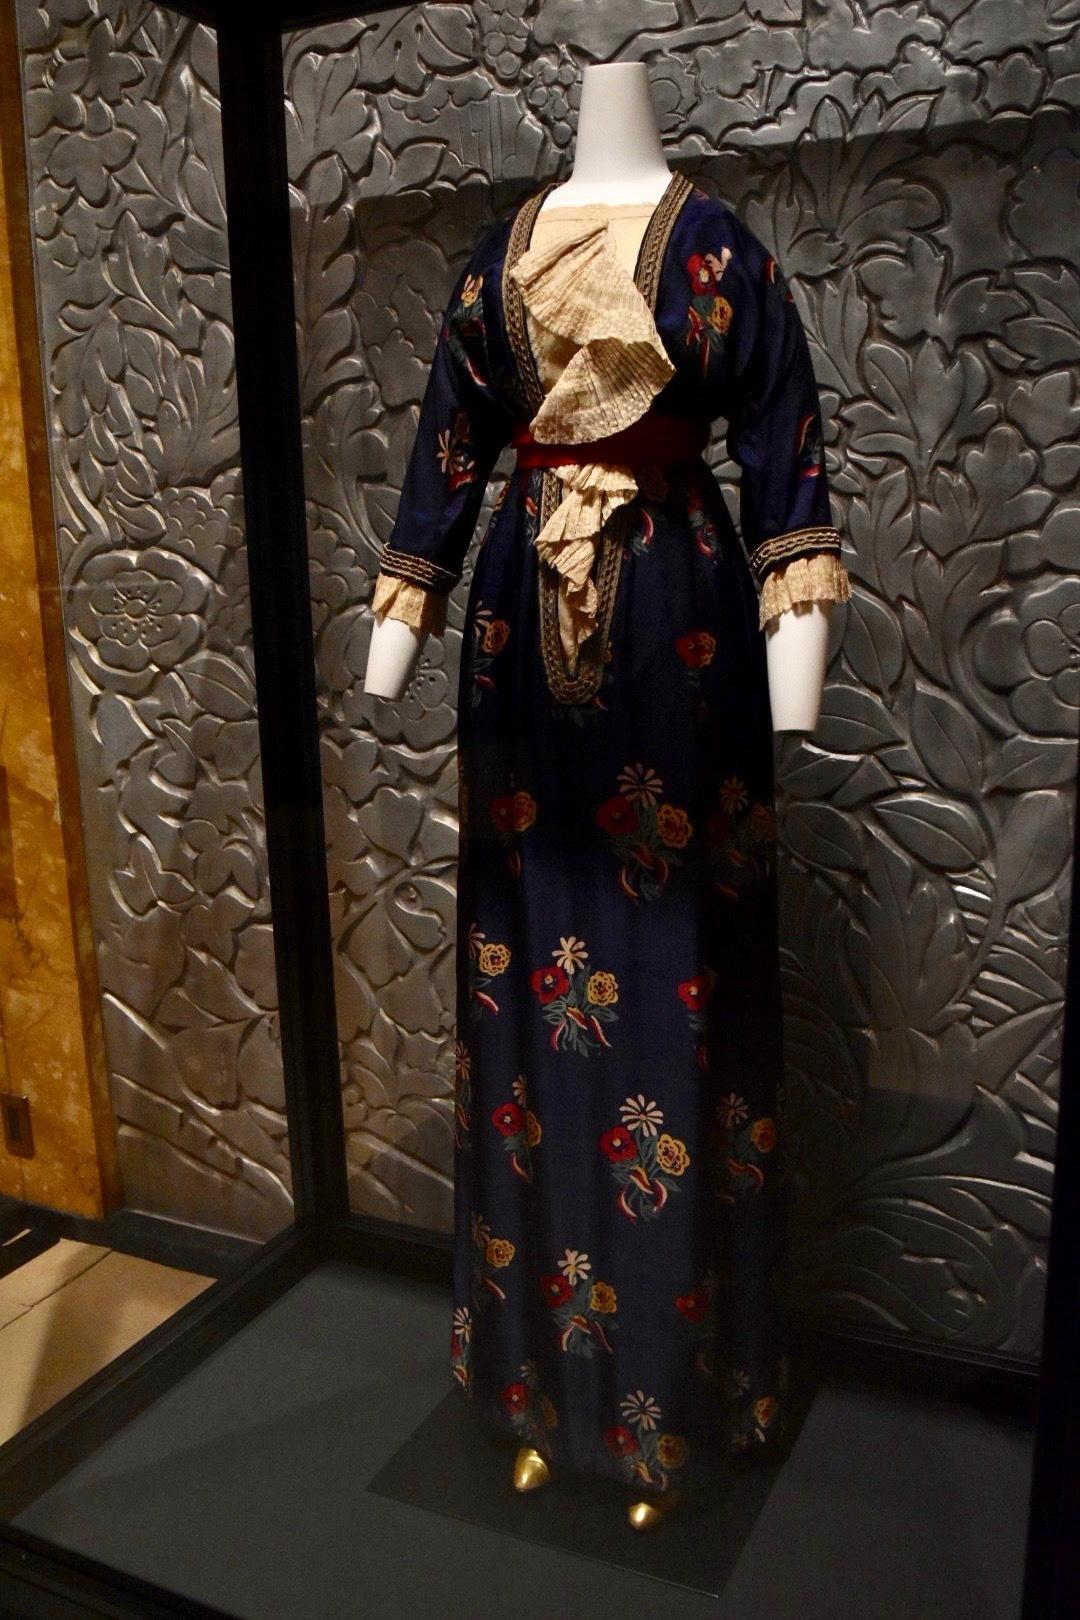 アフタヌーン・ドレス《シャンペトル》 ポール・ポワレ 1911年 藤田真理子、ポール・ジュリアン・アレキサンダー蔵